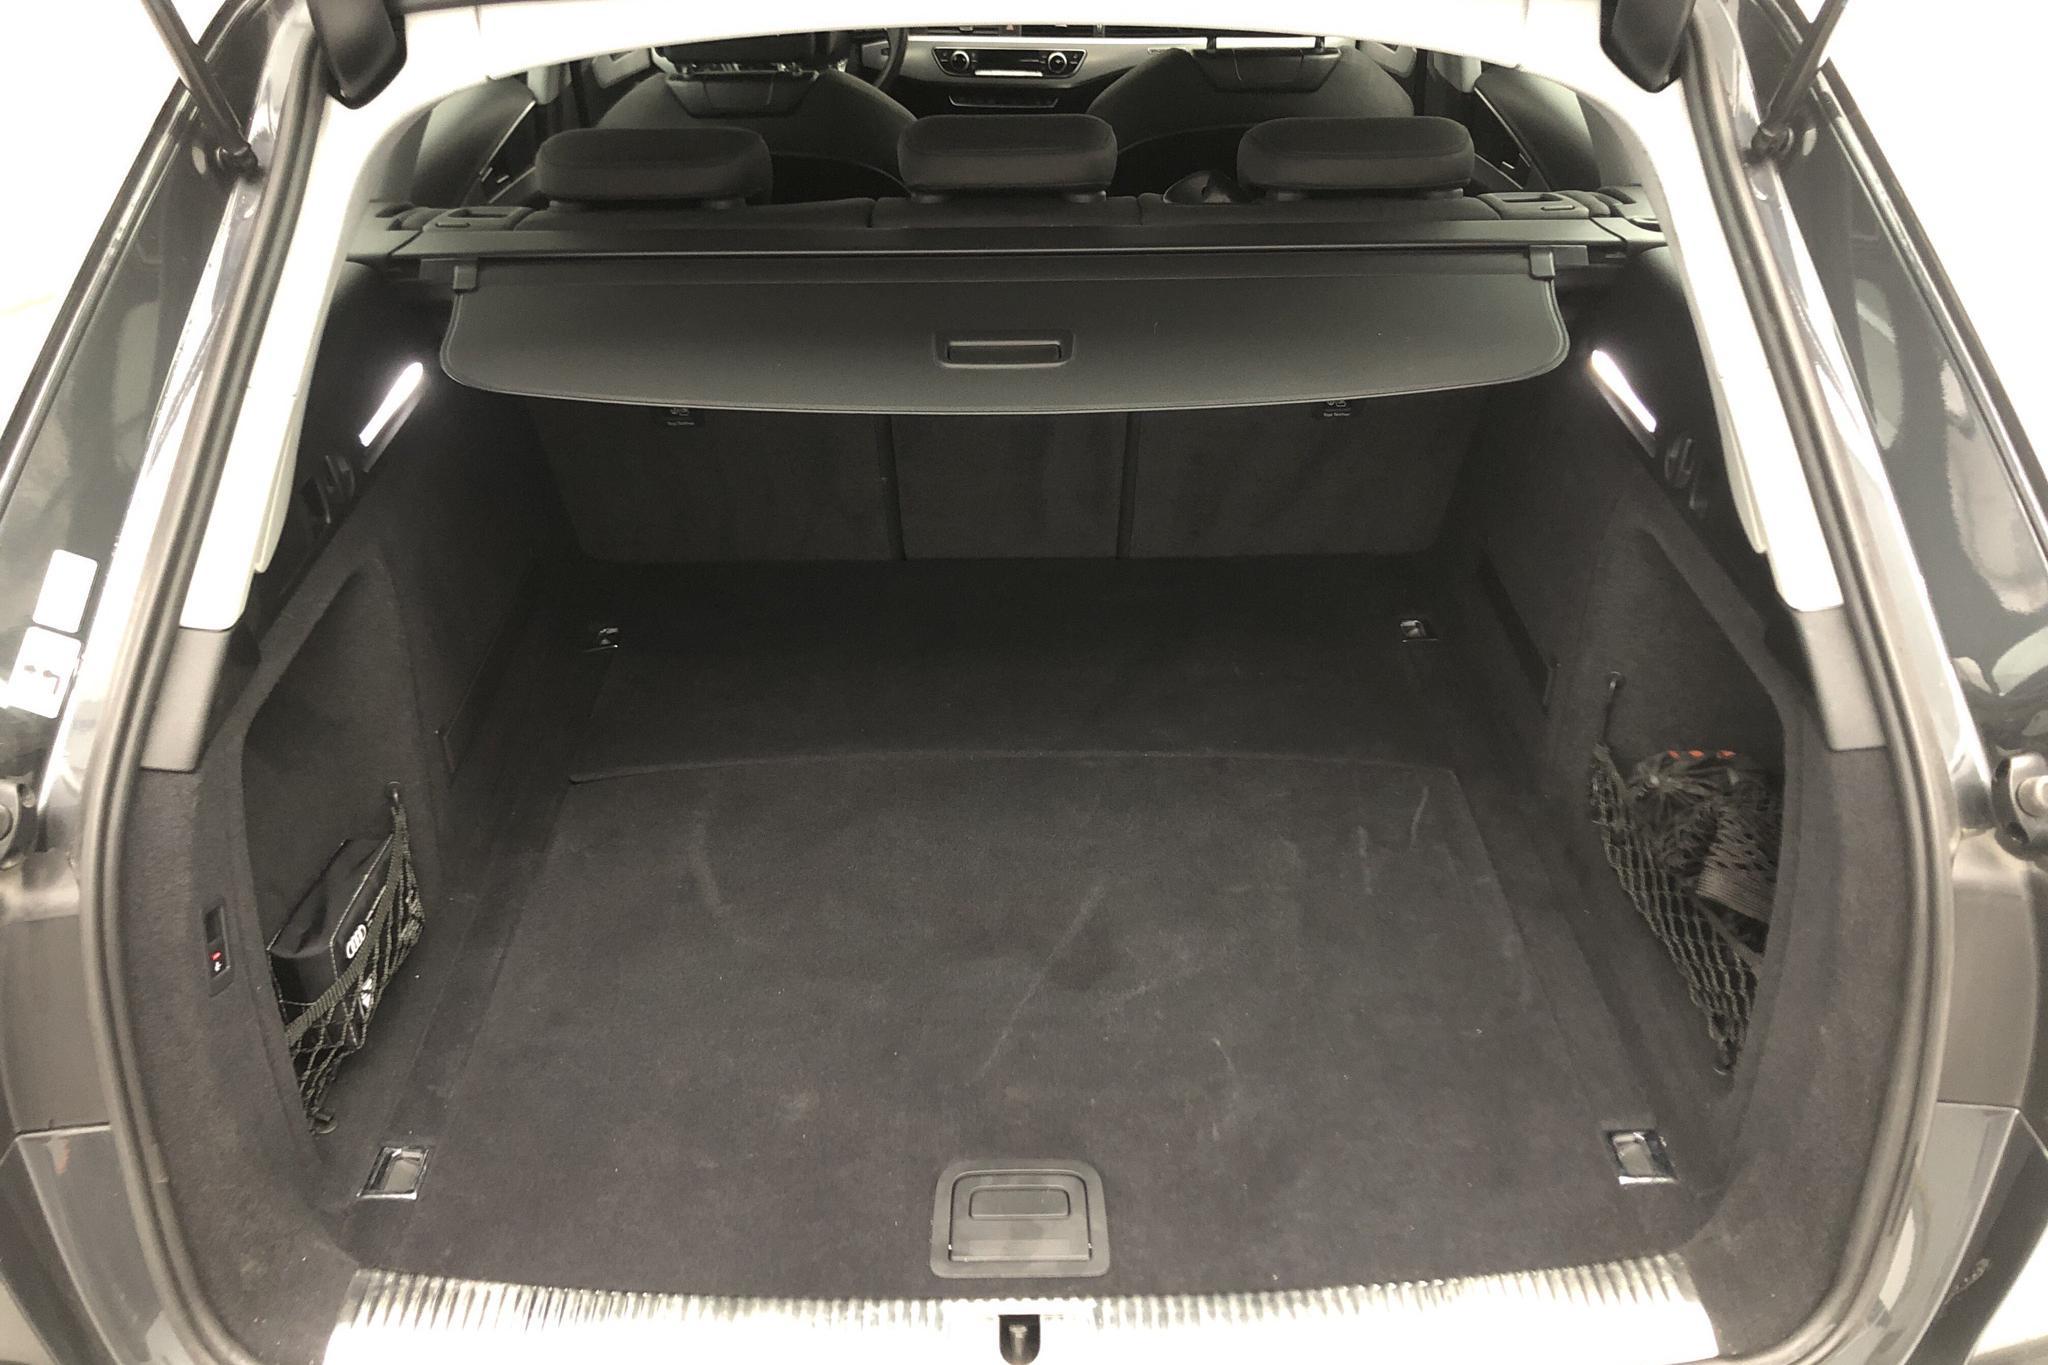 Audi A4 Allroad 2.0 TFSI quattro (252hk) - 44 740 km - Automatic - gray - 2018